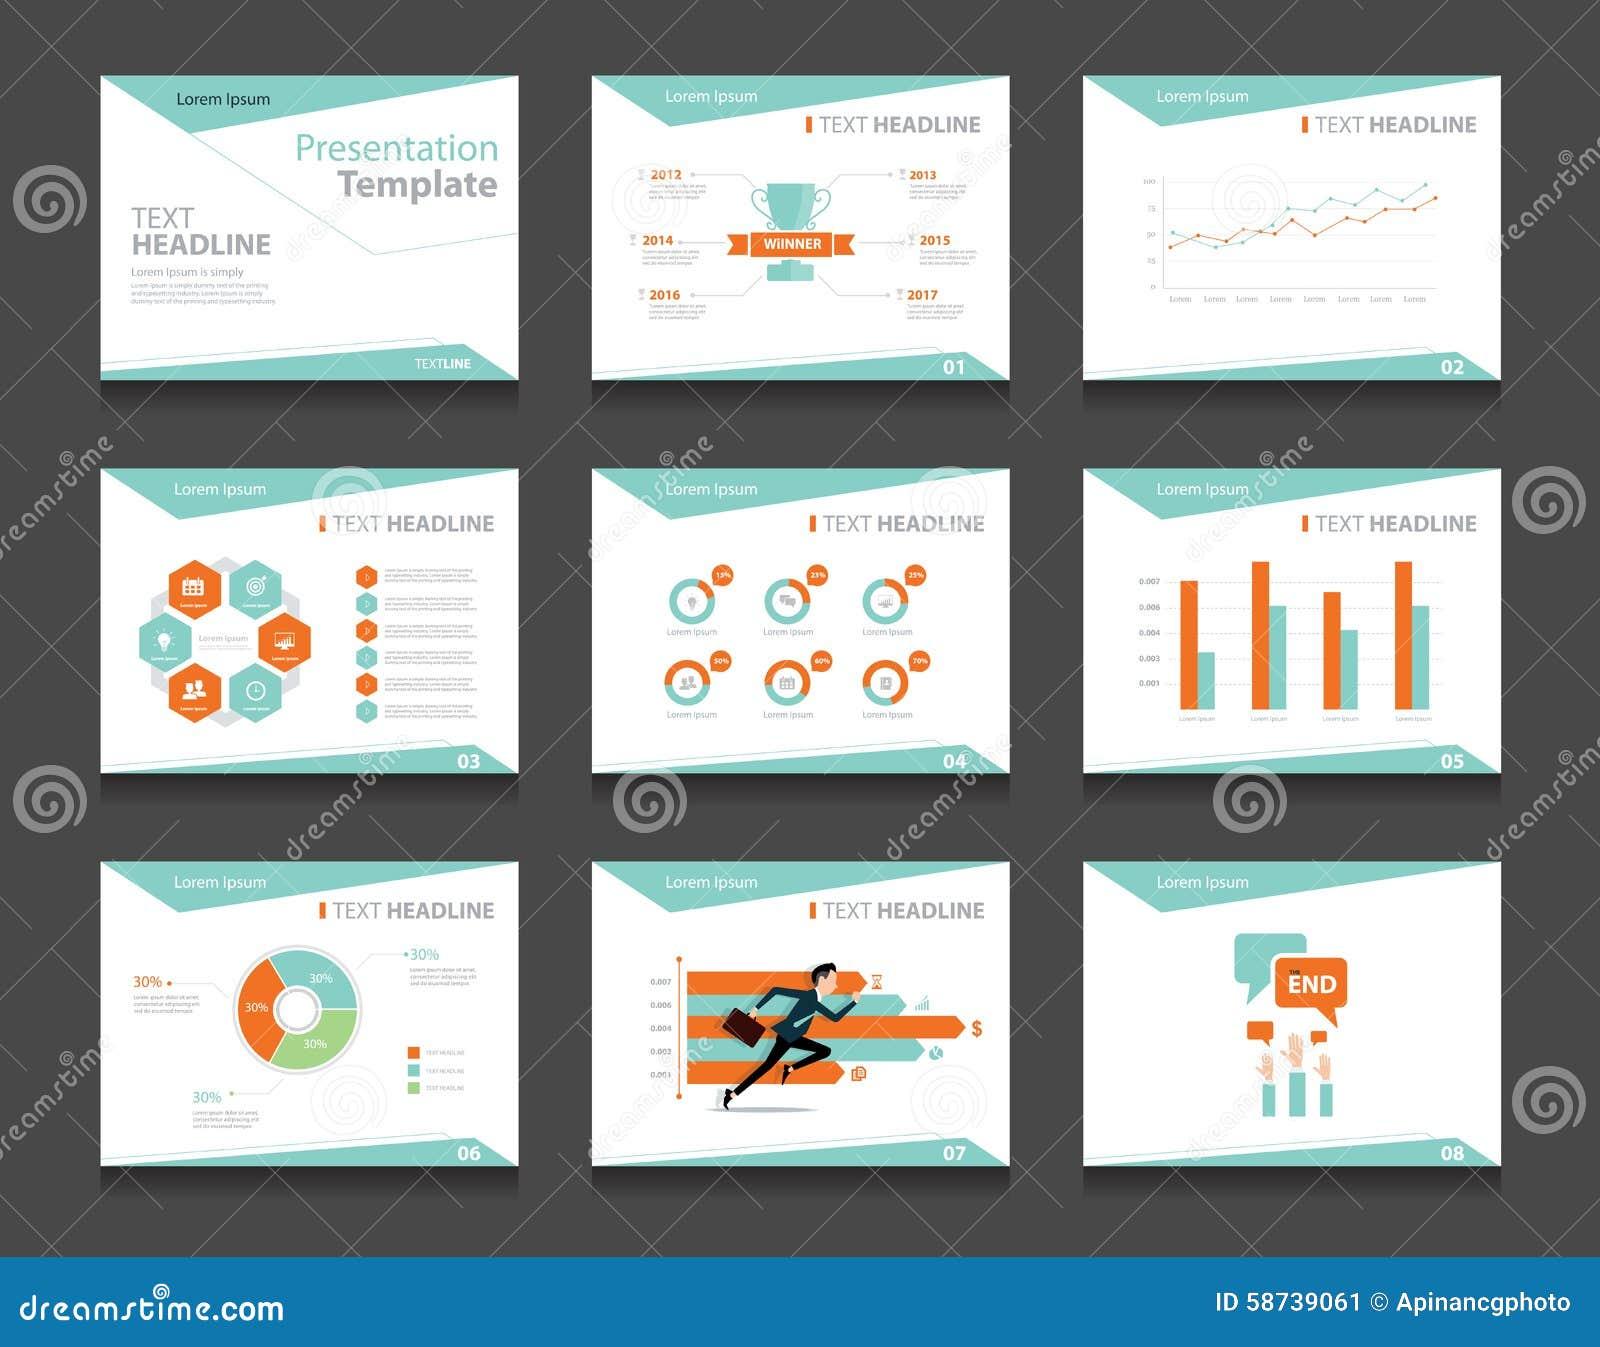 Graphic Design Powerpoint Templates   Sistema De La Plantilla De La Presentacion Del Negocio De